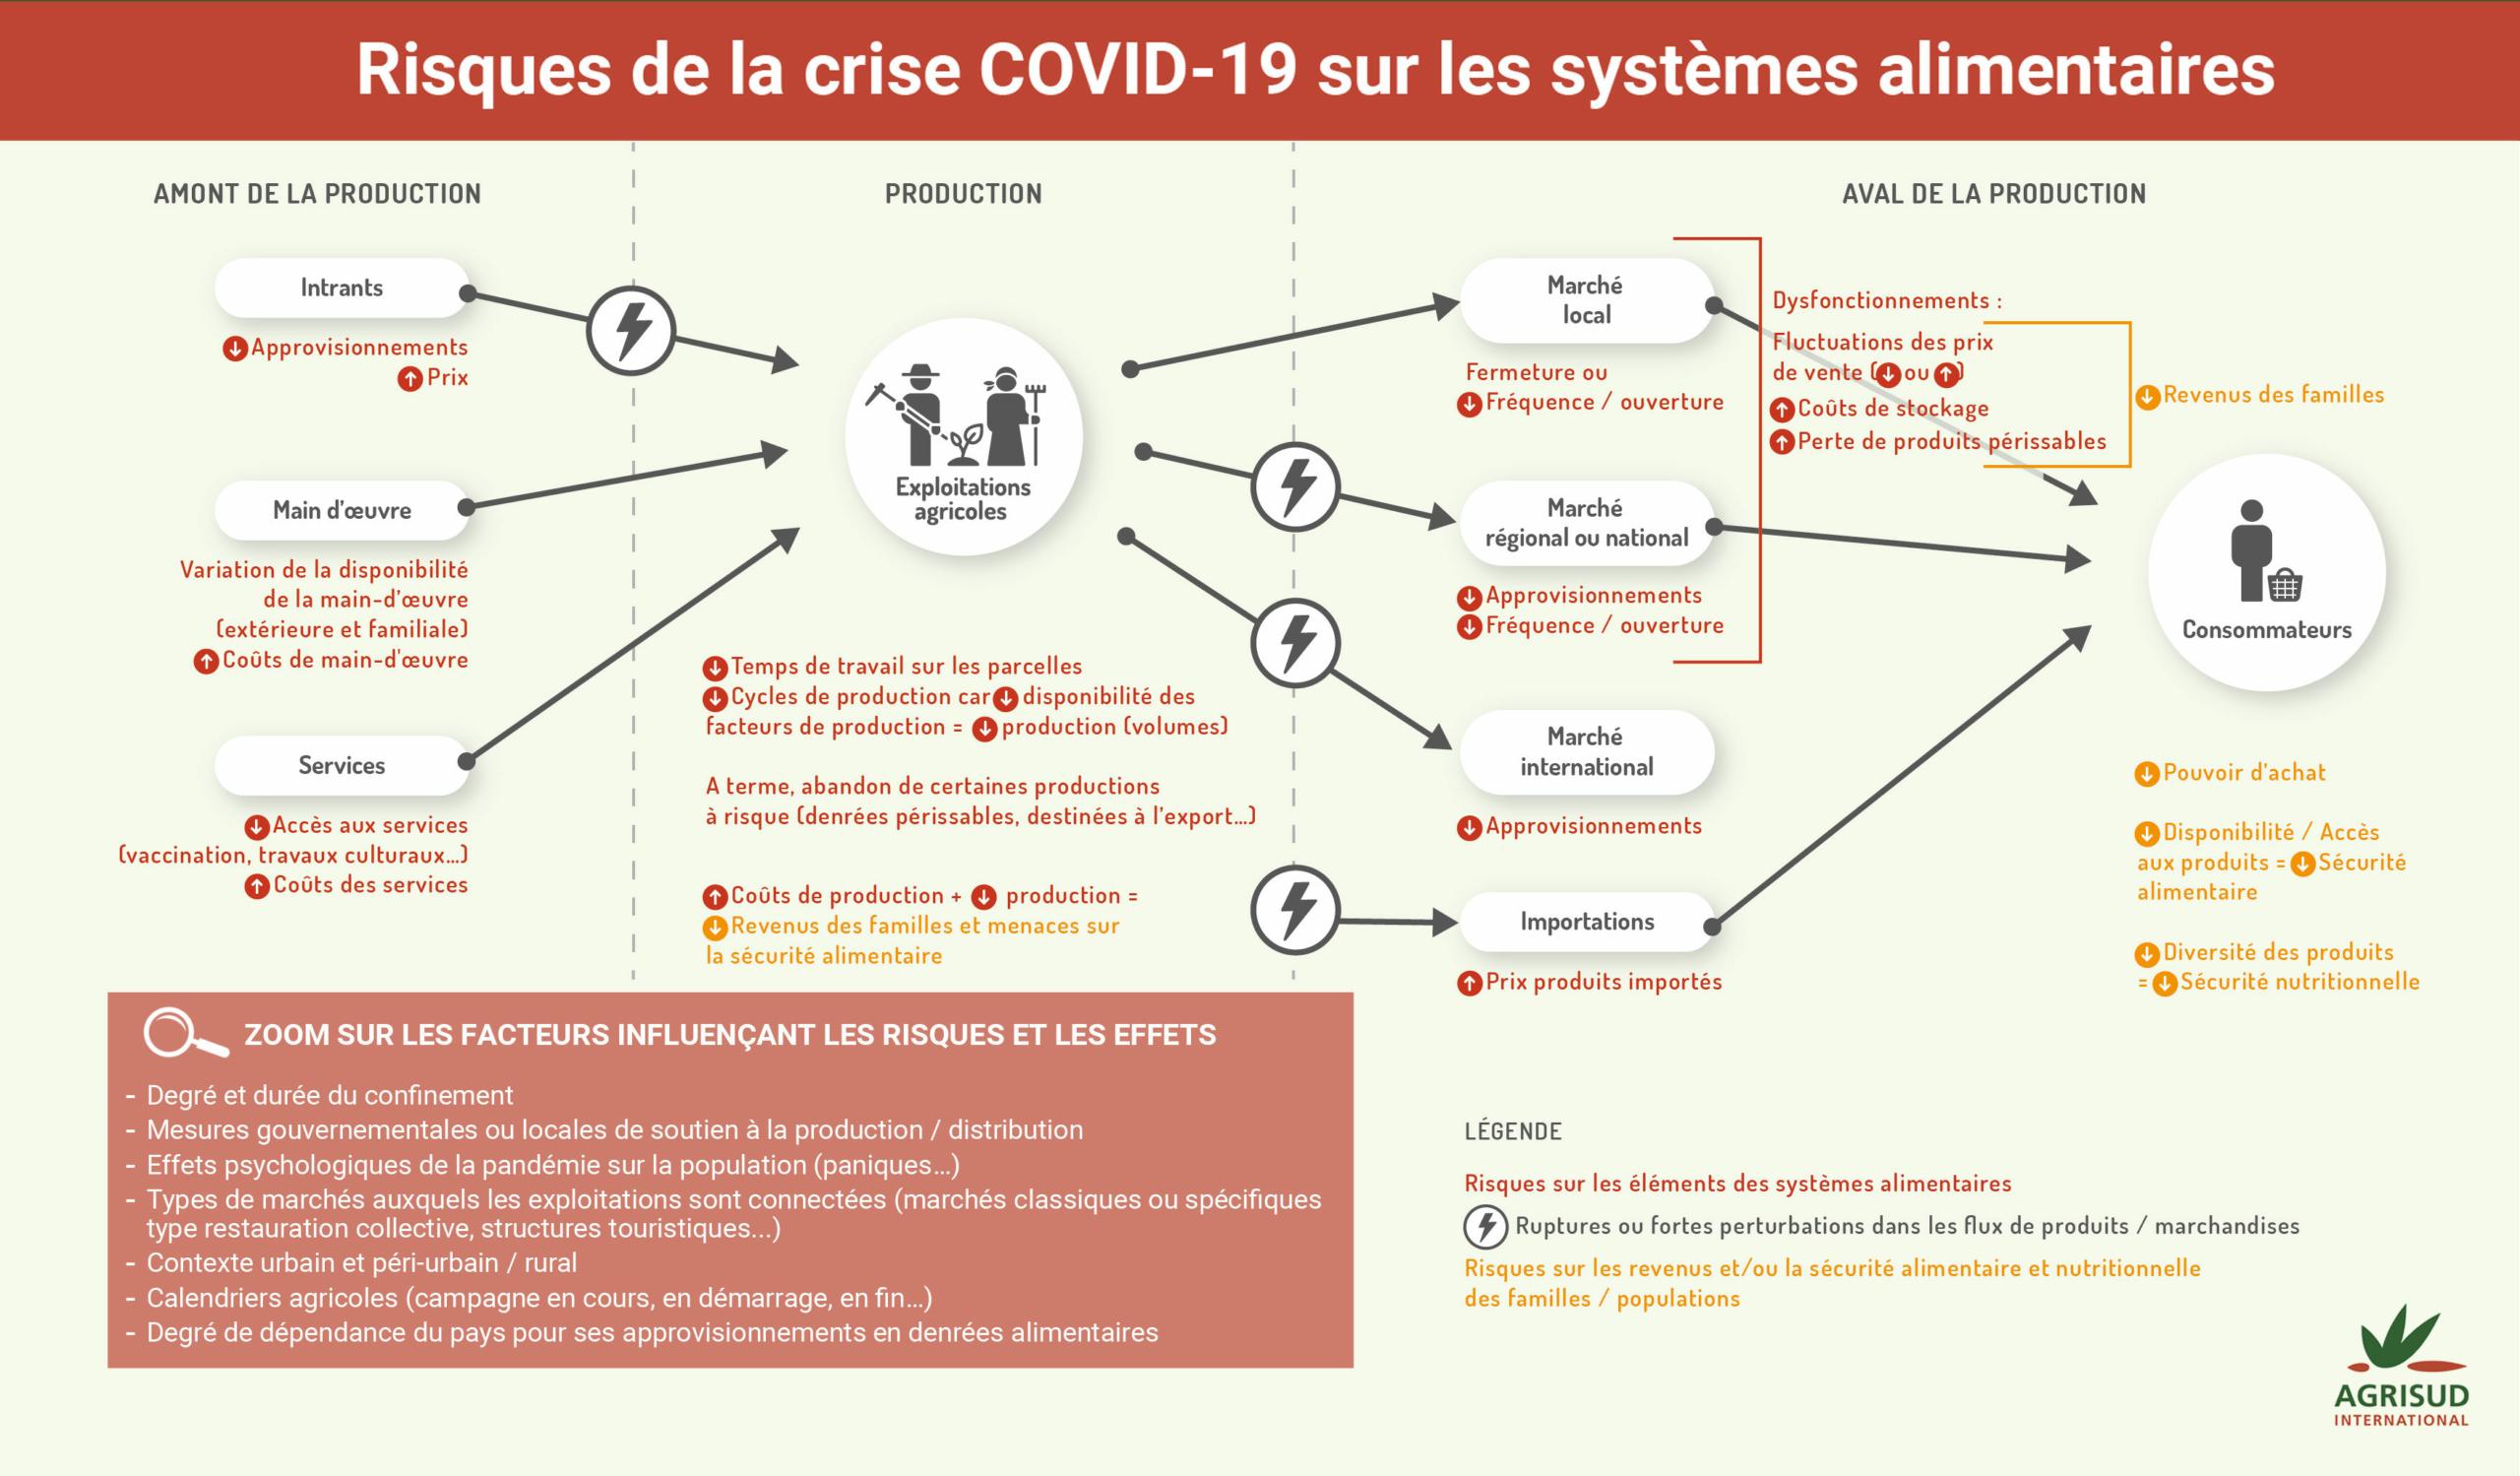 infographie des risques de la crise du Covid-19 sur les systèmes alimentaires